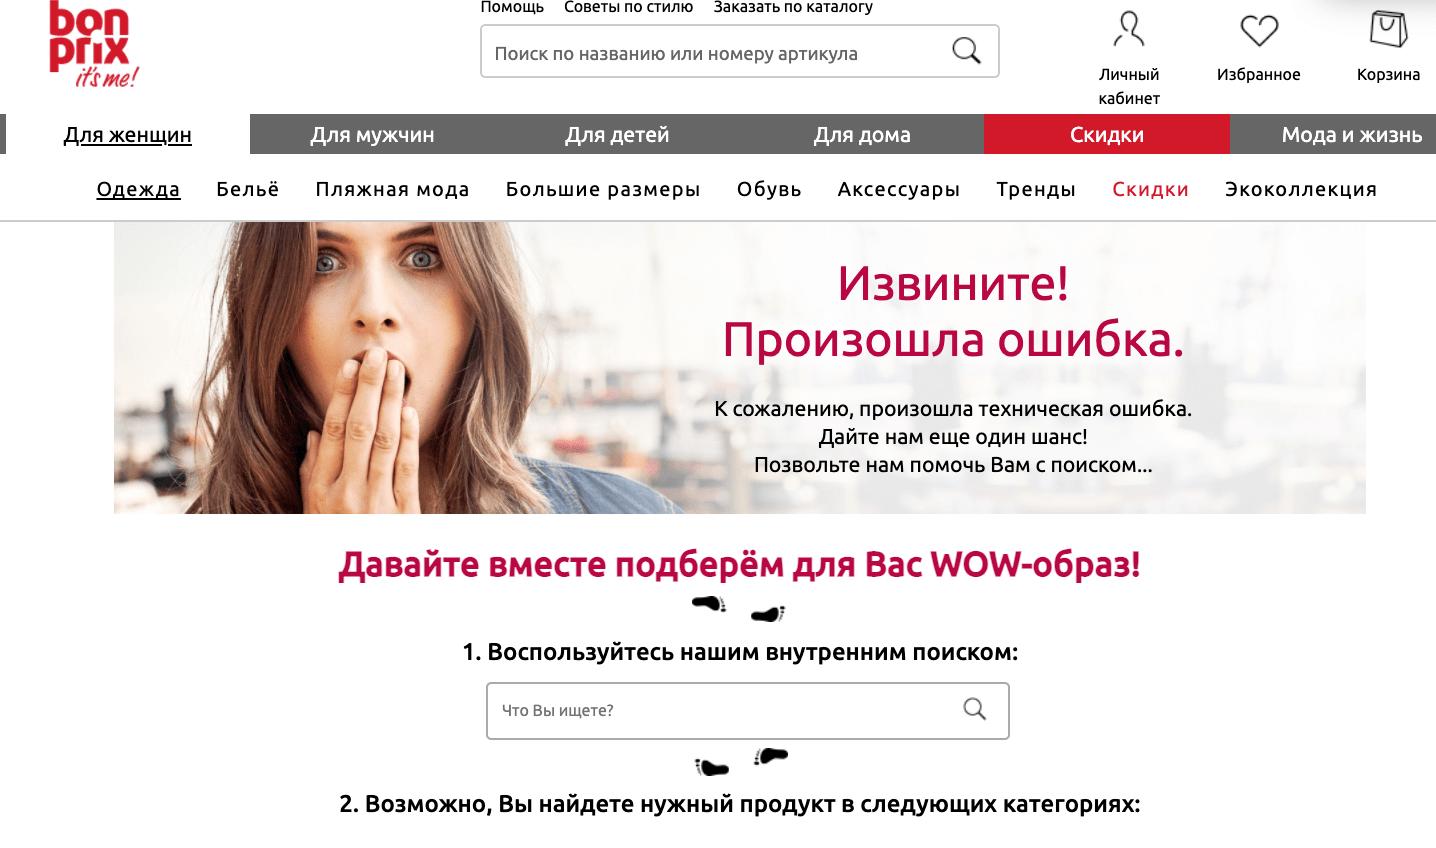 Вот такая страница появилась на 43 позиции в Яндексе по запросу